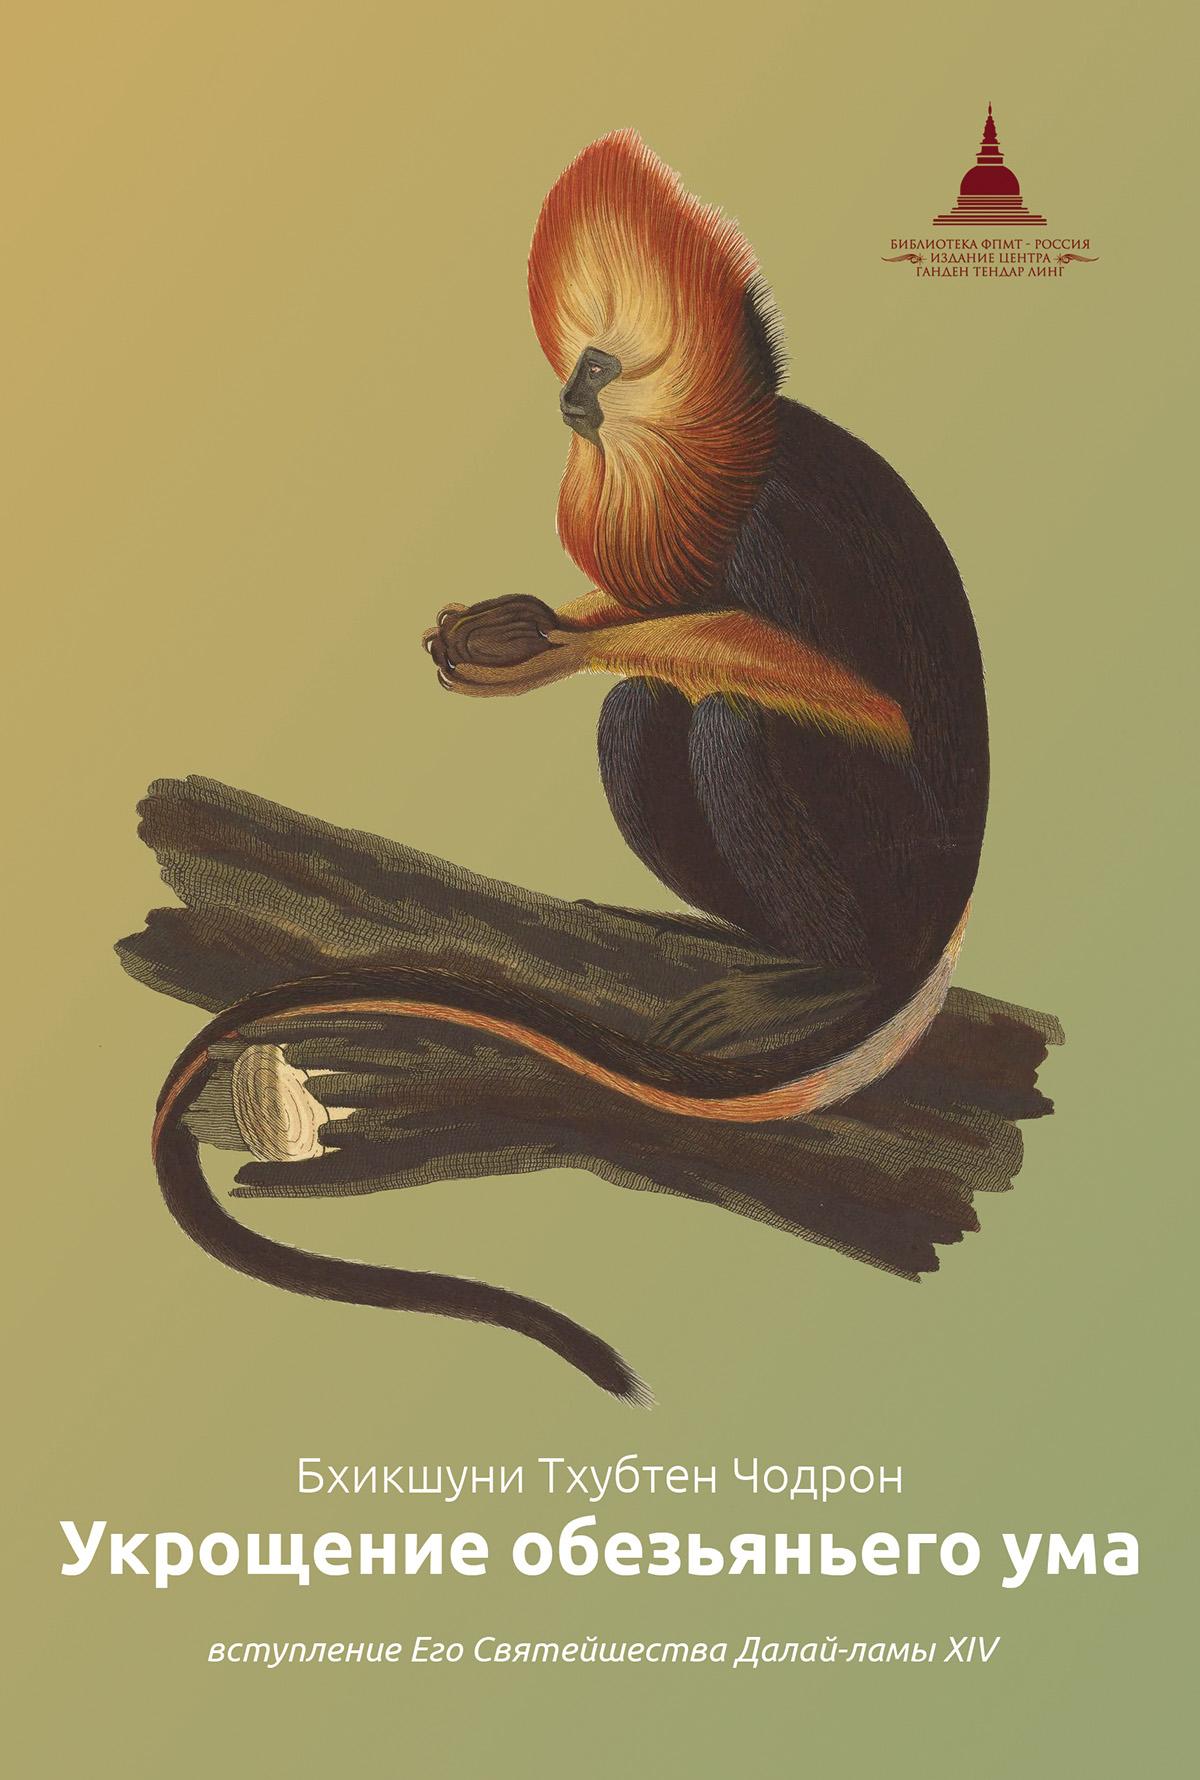 бхикшуни Тхубтен Чодрон, Майя Малыгина «Укрощение обезьяньего ума»